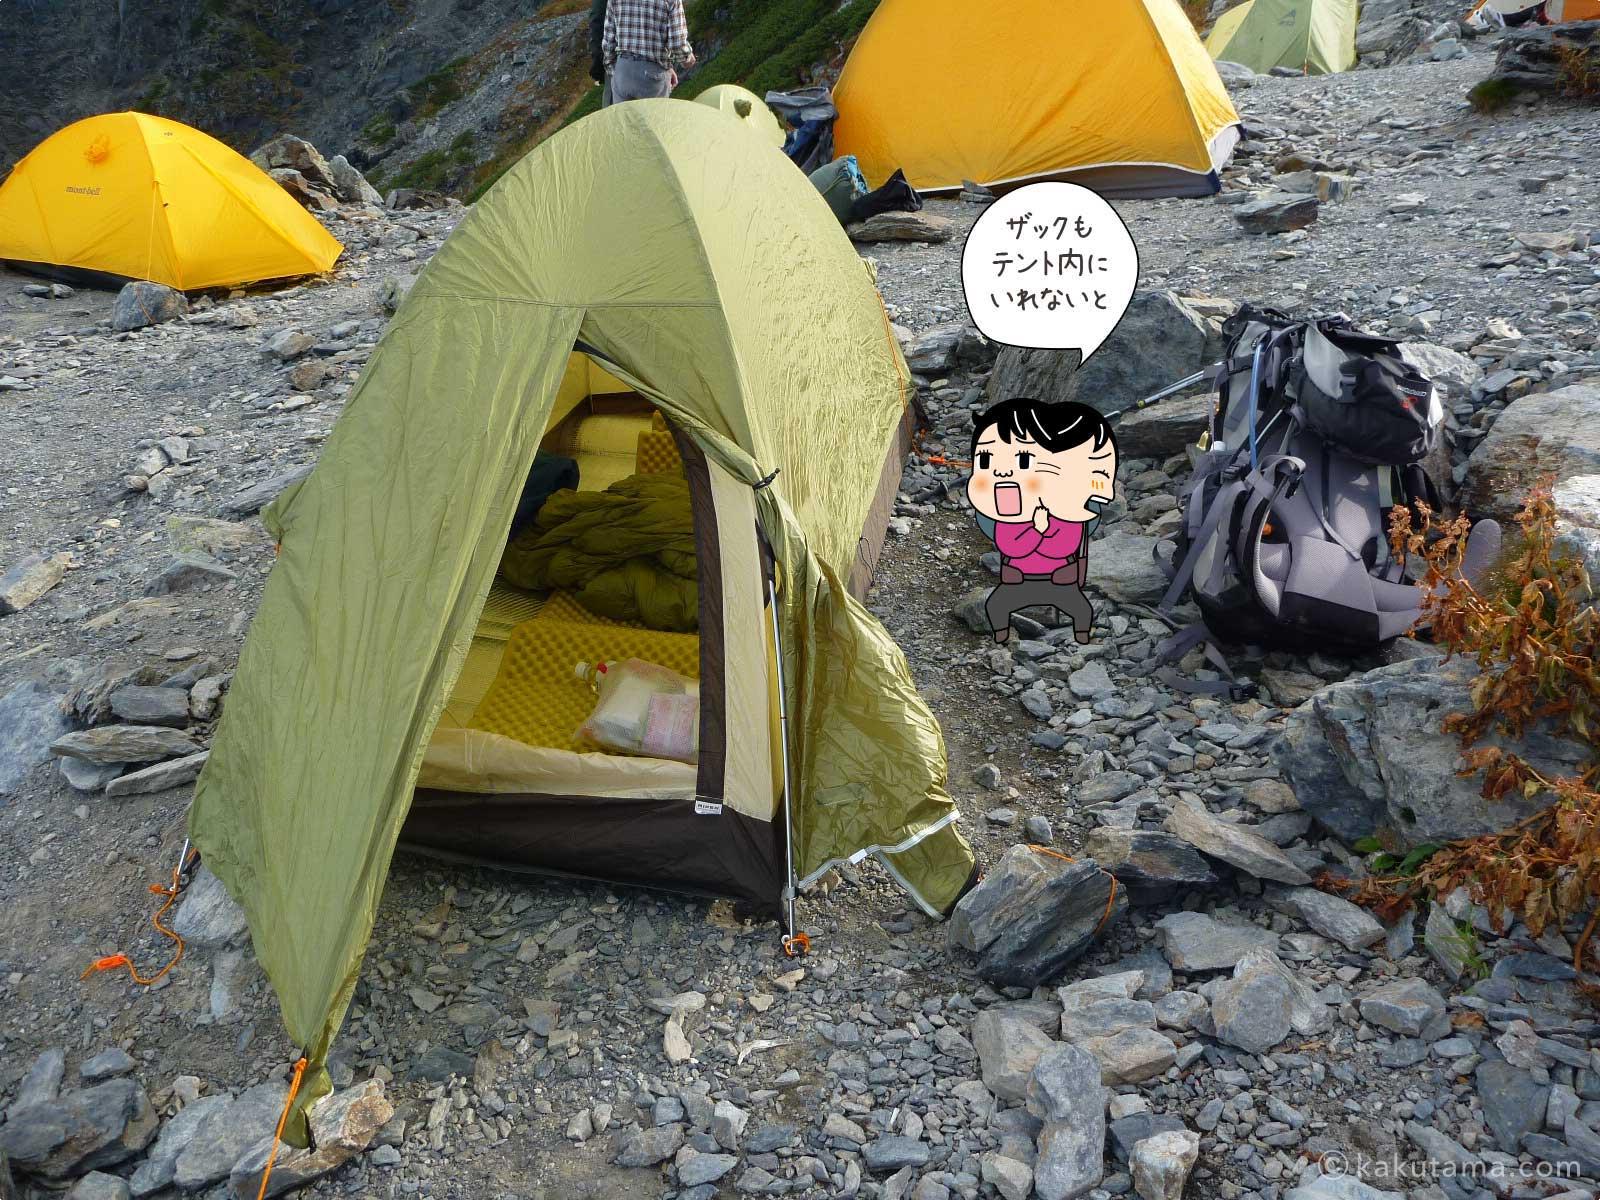 登山用語設営にまつわる写真